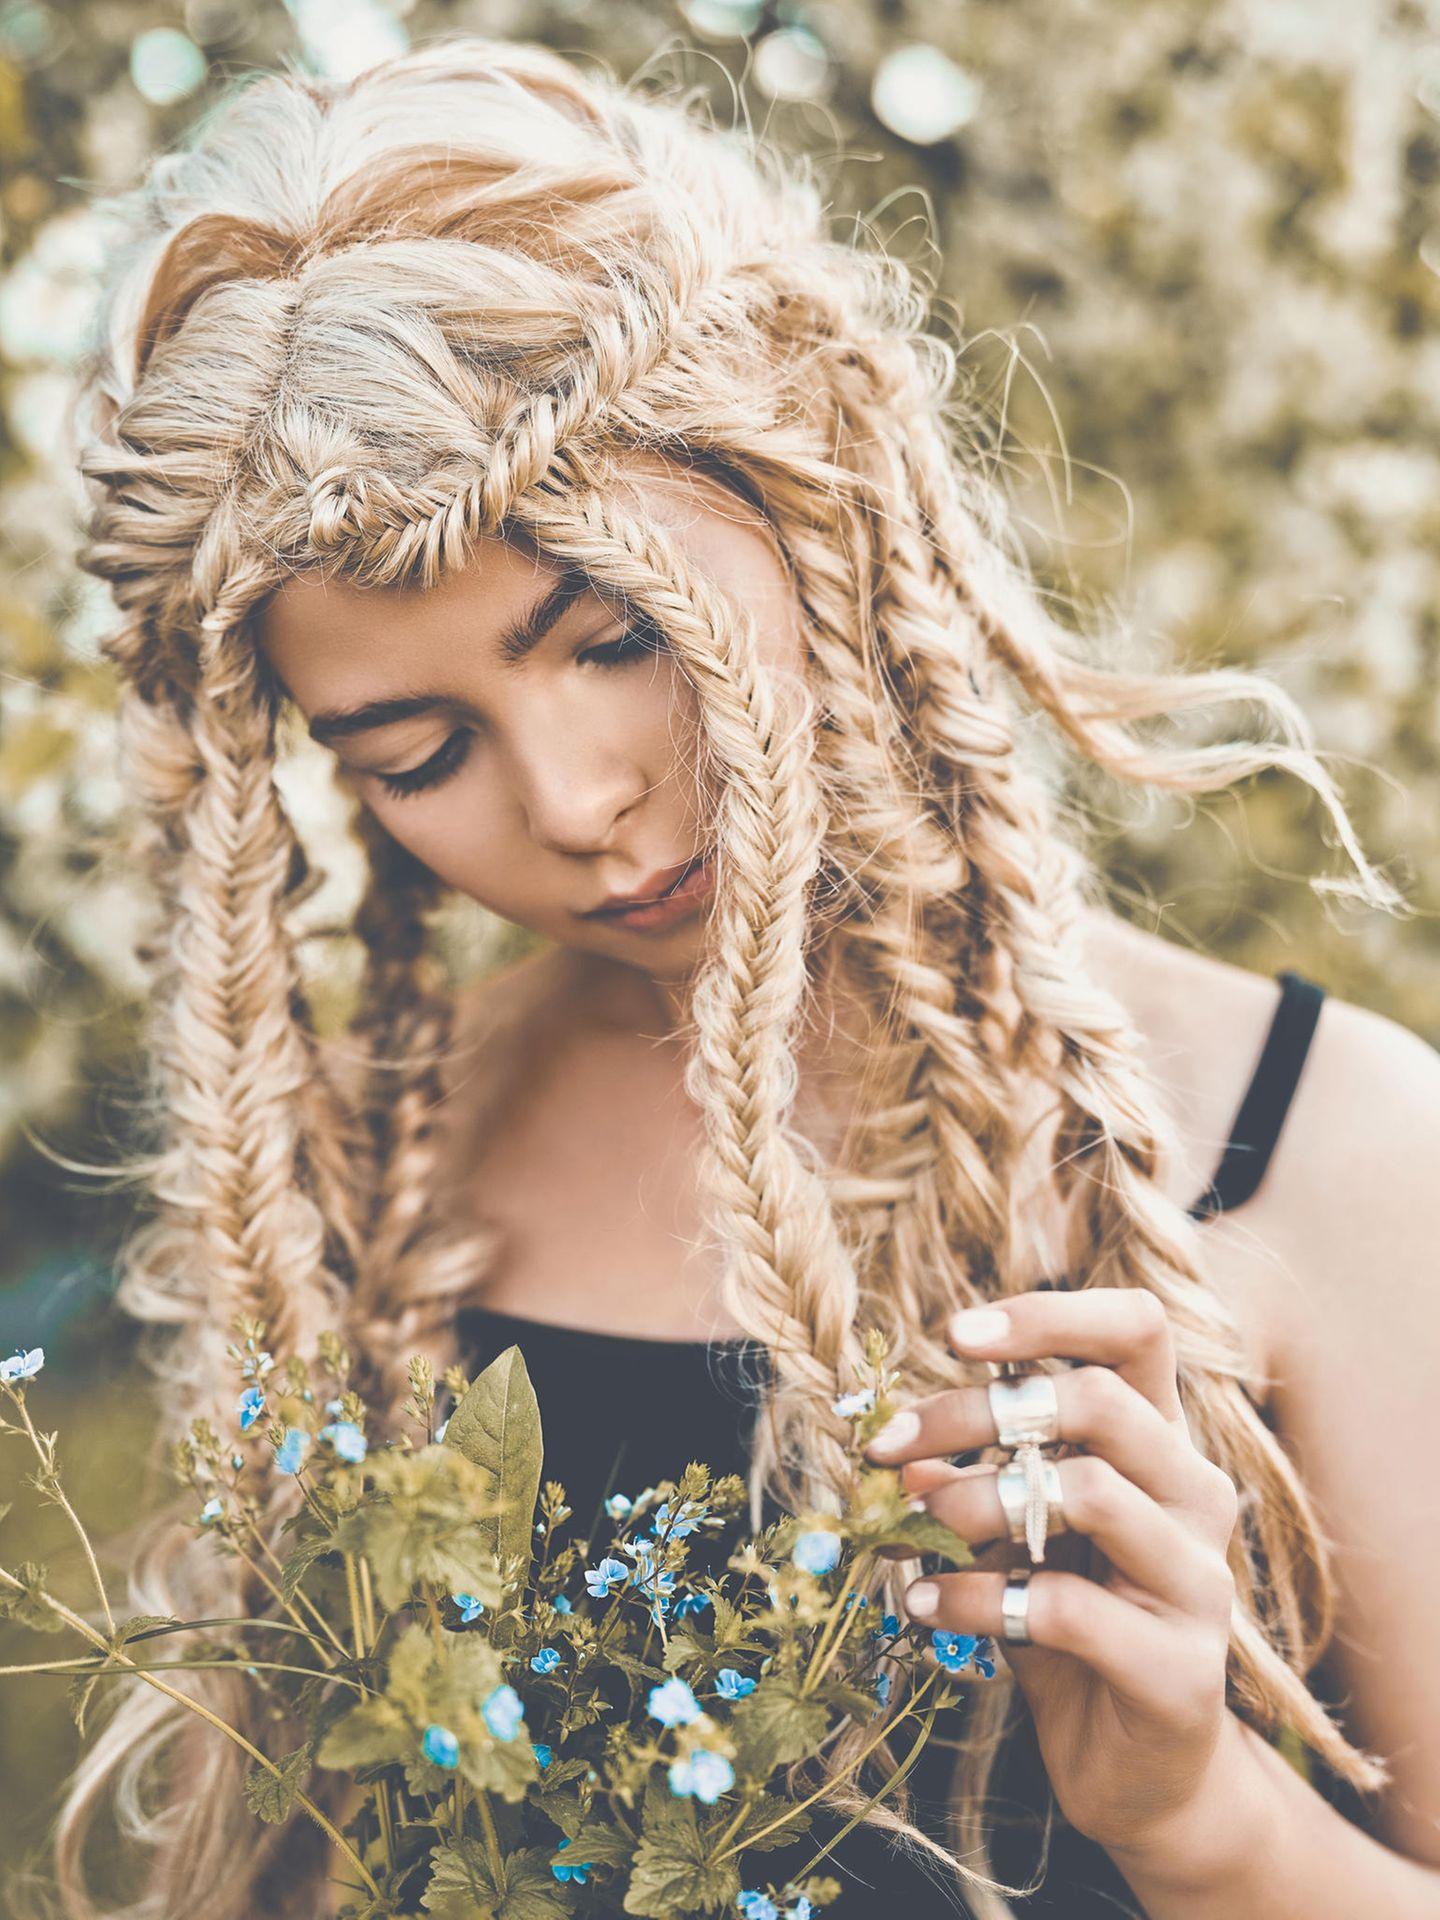 Hippie Frisuren: Die schönsten Frisuren im Hippie-Look  BRIGITTE.de